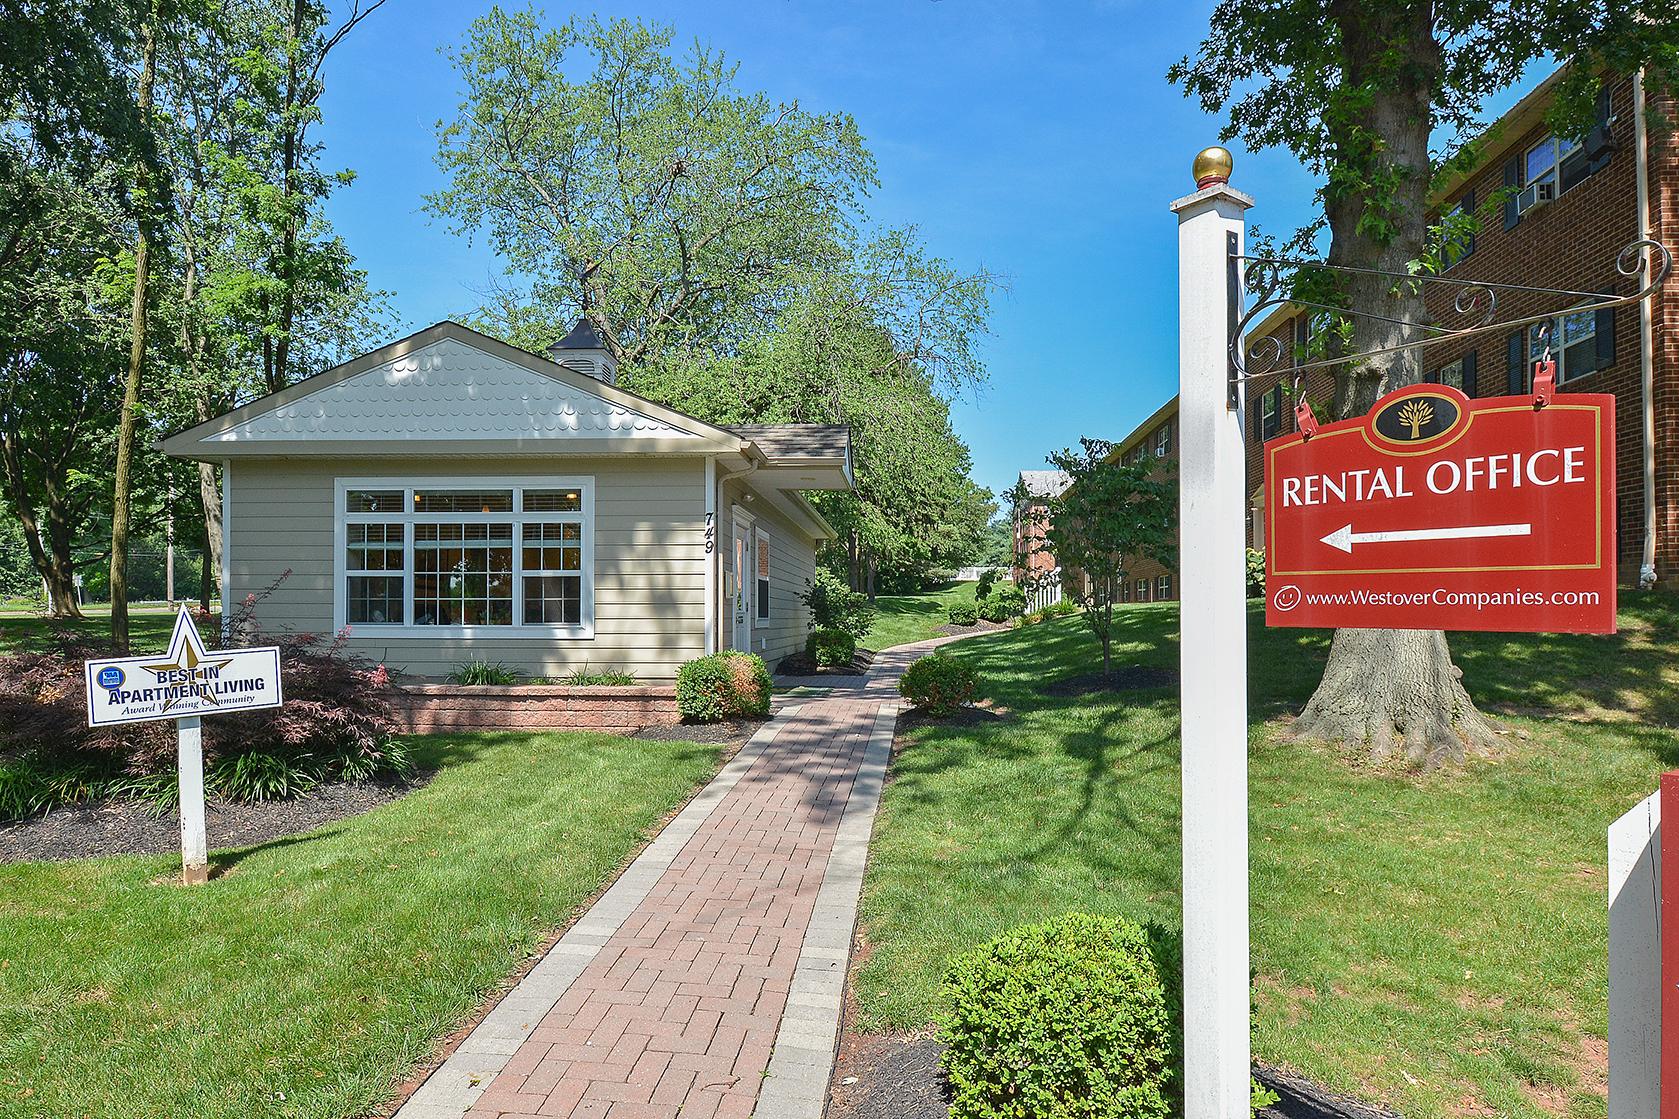 Friendly Office Staff | Claymont DE Apartments For Rent | Naamans Village Apartments